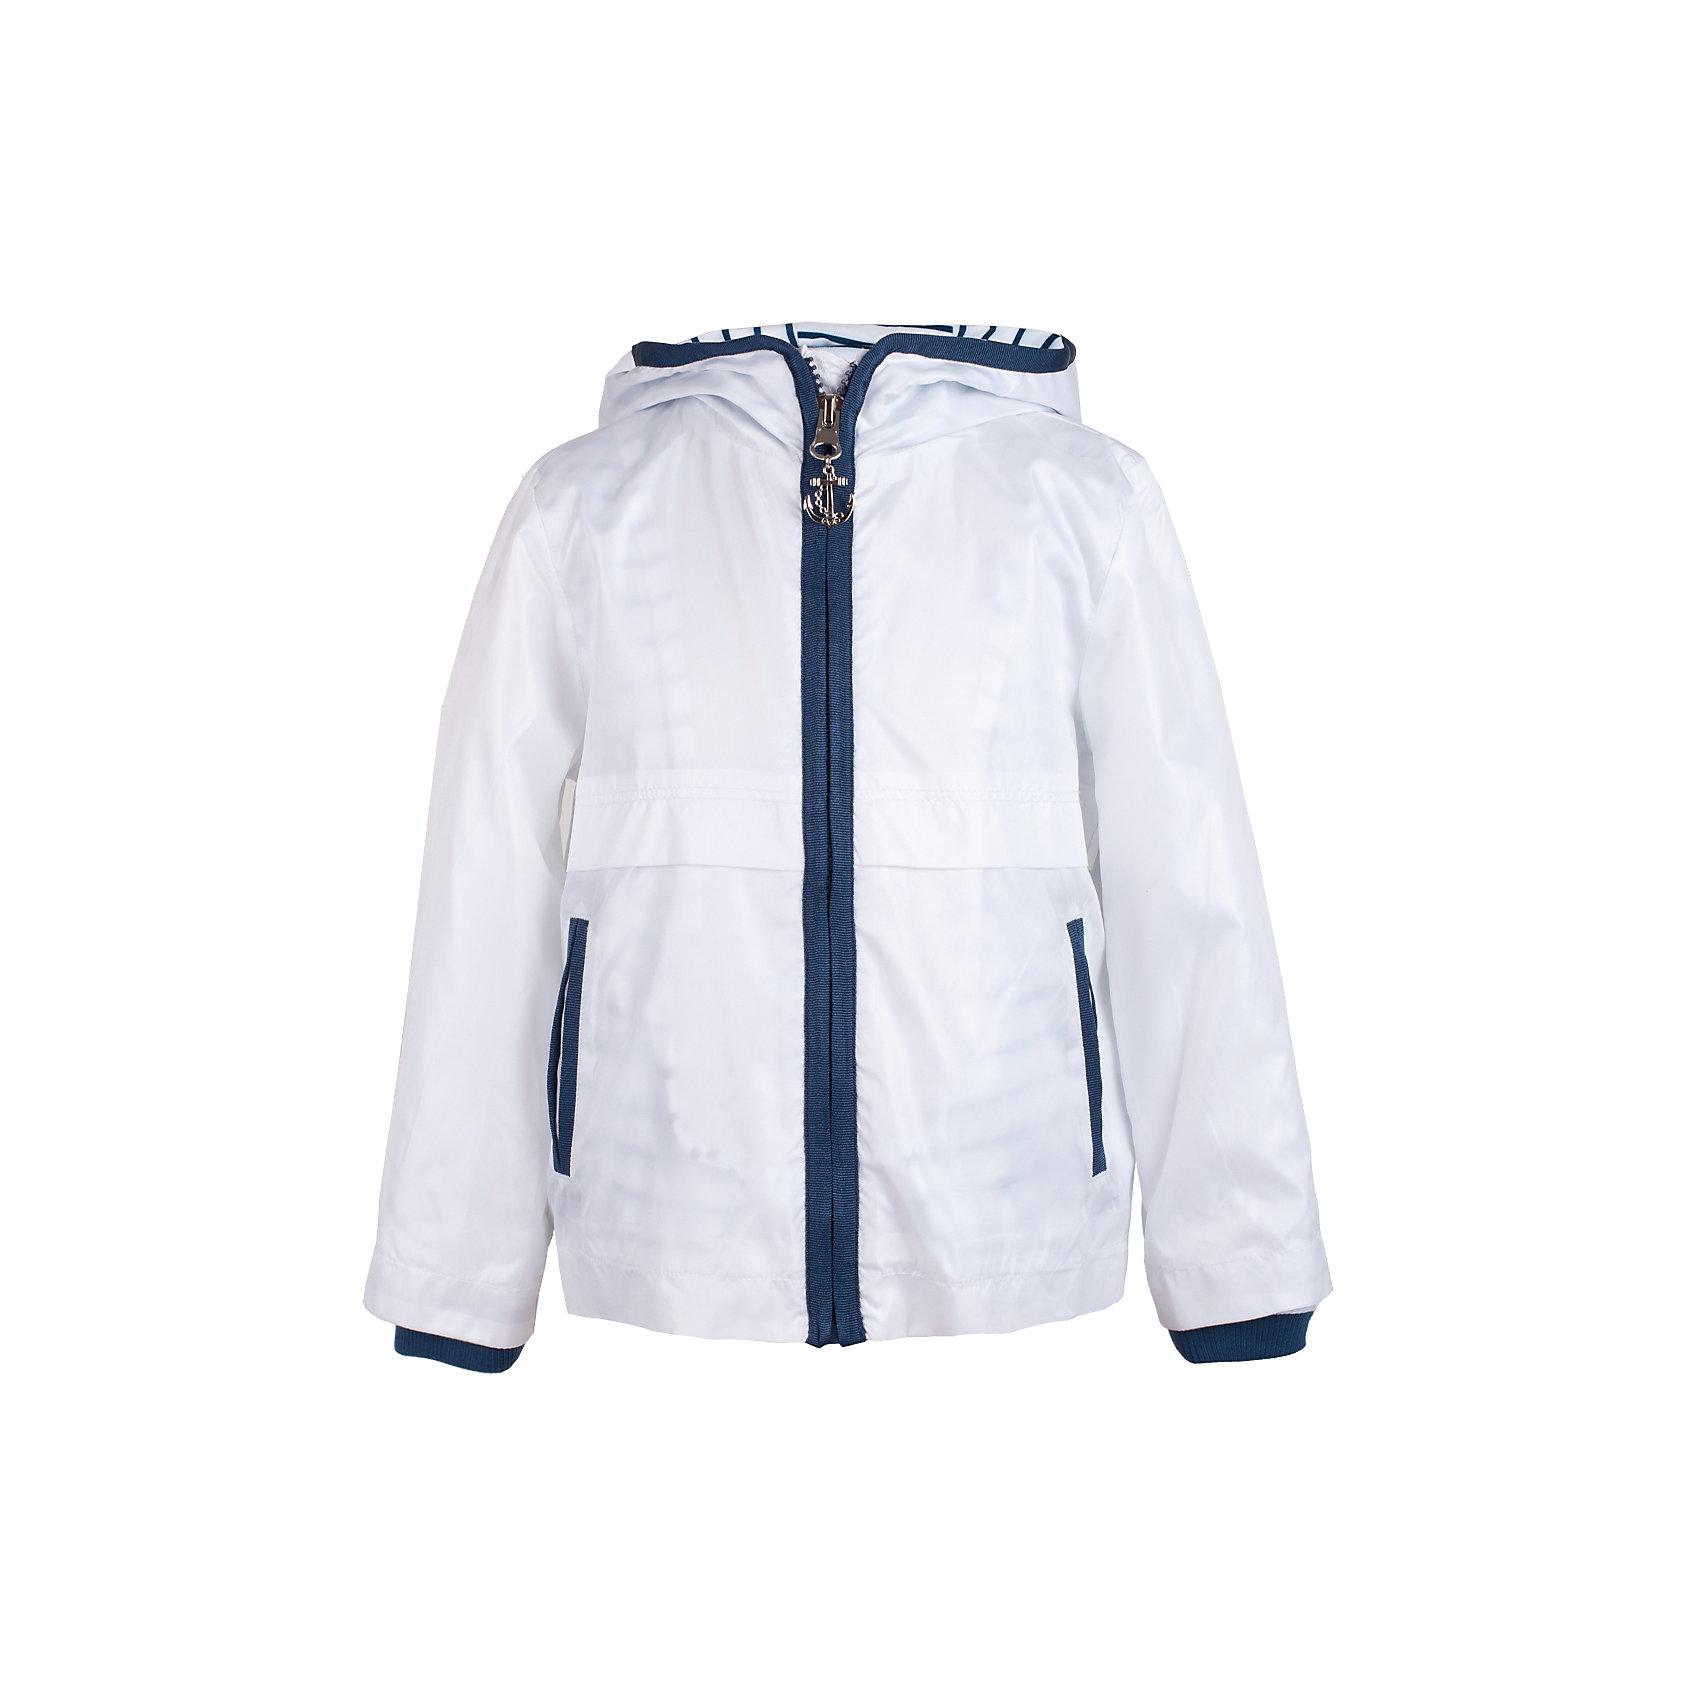 Куртка для девочки  BUTTON BLUEВерхняя одежда<br>Куртка для девочки  BUTTON BLUE<br>Белая ветровка с капюшоном - прекрасное решение для летней прохлады. Модная комфортная форма, продуманные детали подарят отличное настроение, мягкая трикотажная подкладка обеспечит уют, капюшон защитит от дождя и ветра. Если вы решили купить ветровку для девочки недорого, но хотите быть уверены в ее комфорте, качестве, высоких потребительских свойствах, ветровка Button Blue - то, что нужно!<br>Состав:<br>Ткань  верха: 100%  полиэстер, подклад: 100% хлопок/ 100% полиэстер<br><br>Ширина мм: 356<br>Глубина мм: 10<br>Высота мм: 245<br>Вес г: 519<br>Цвет: белый<br>Возраст от месяцев: 24<br>Возраст до месяцев: 36<br>Пол: Женский<br>Возраст: Детский<br>Размер: 98,158,152,146,140,134,128,122,116,110,104<br>SKU: 5523364